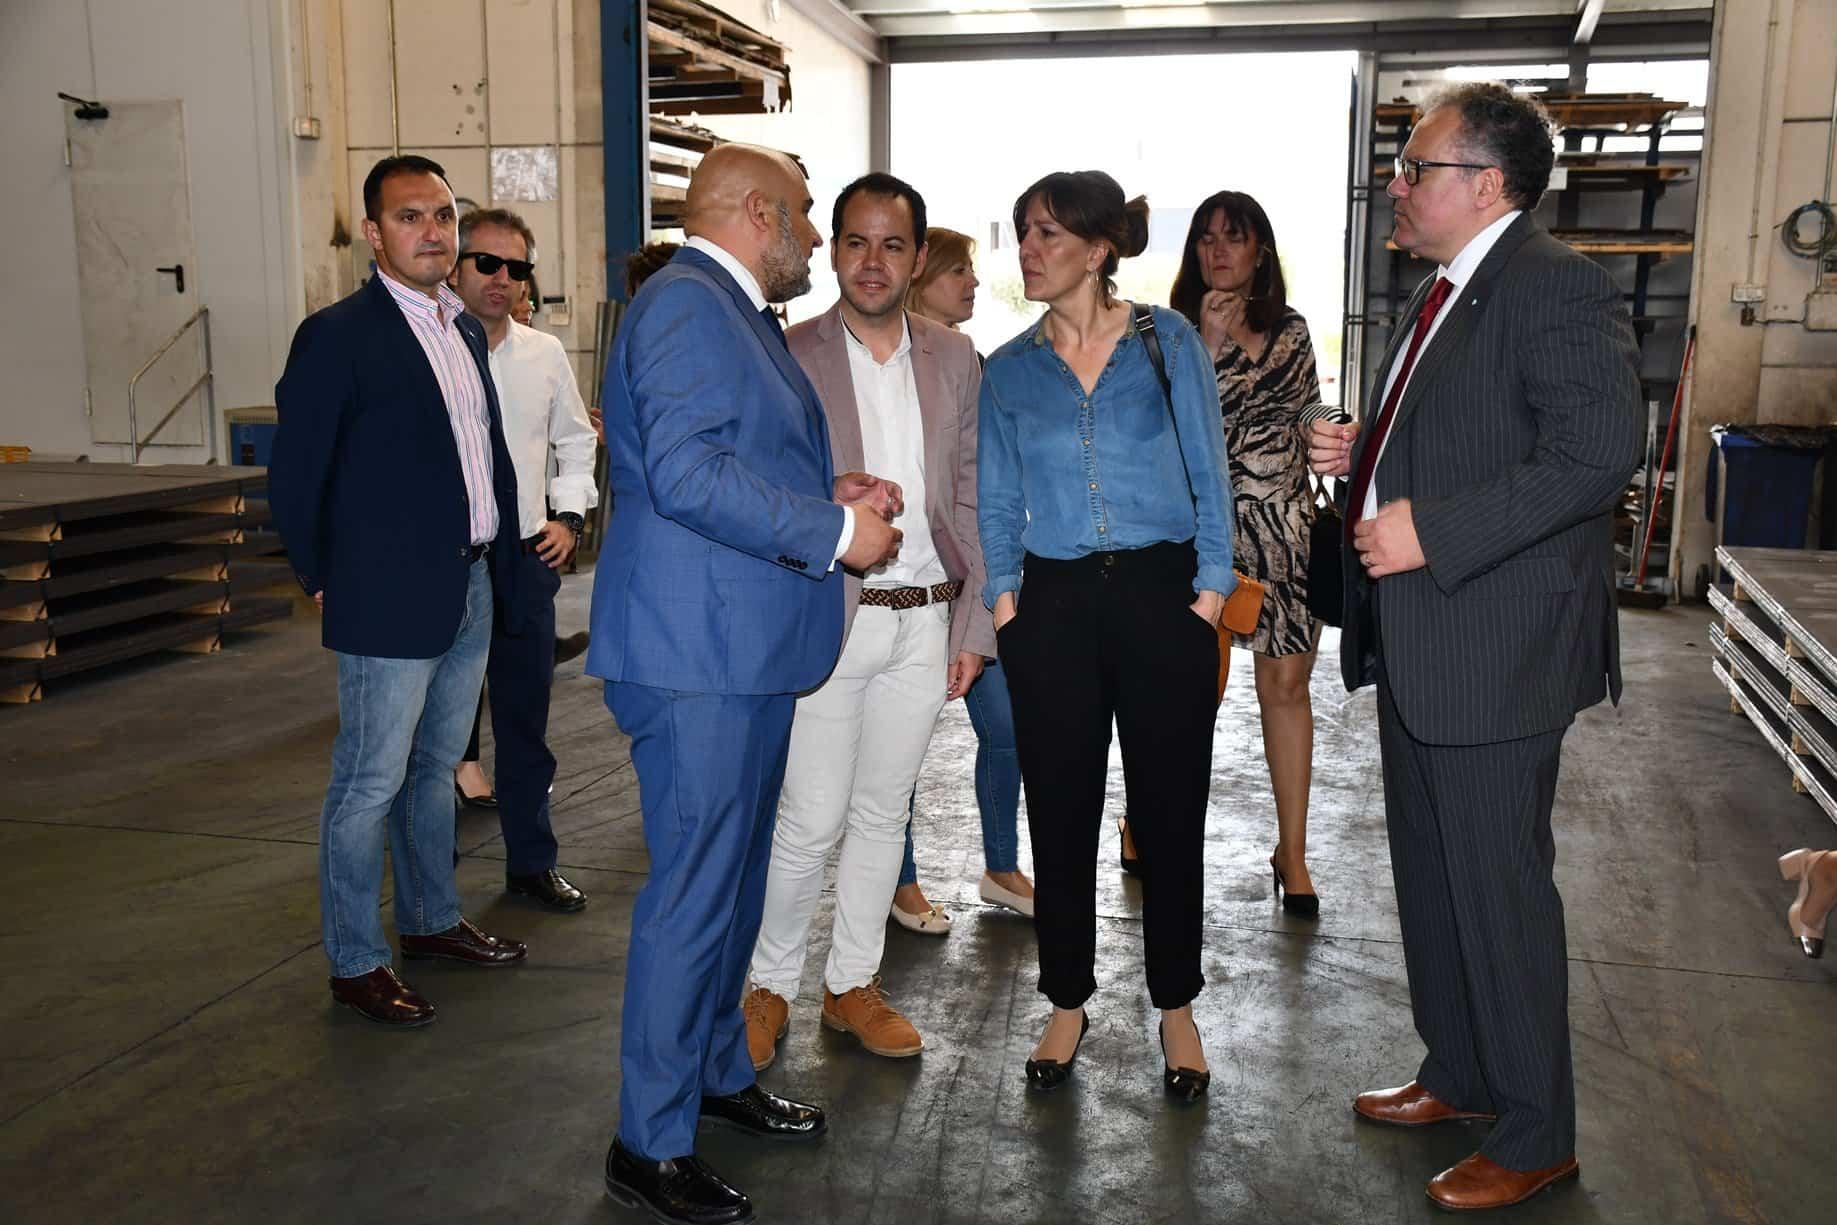 La diputada electa, Blanca Fernández y Sergio García-Navas visitan Divisegur 6